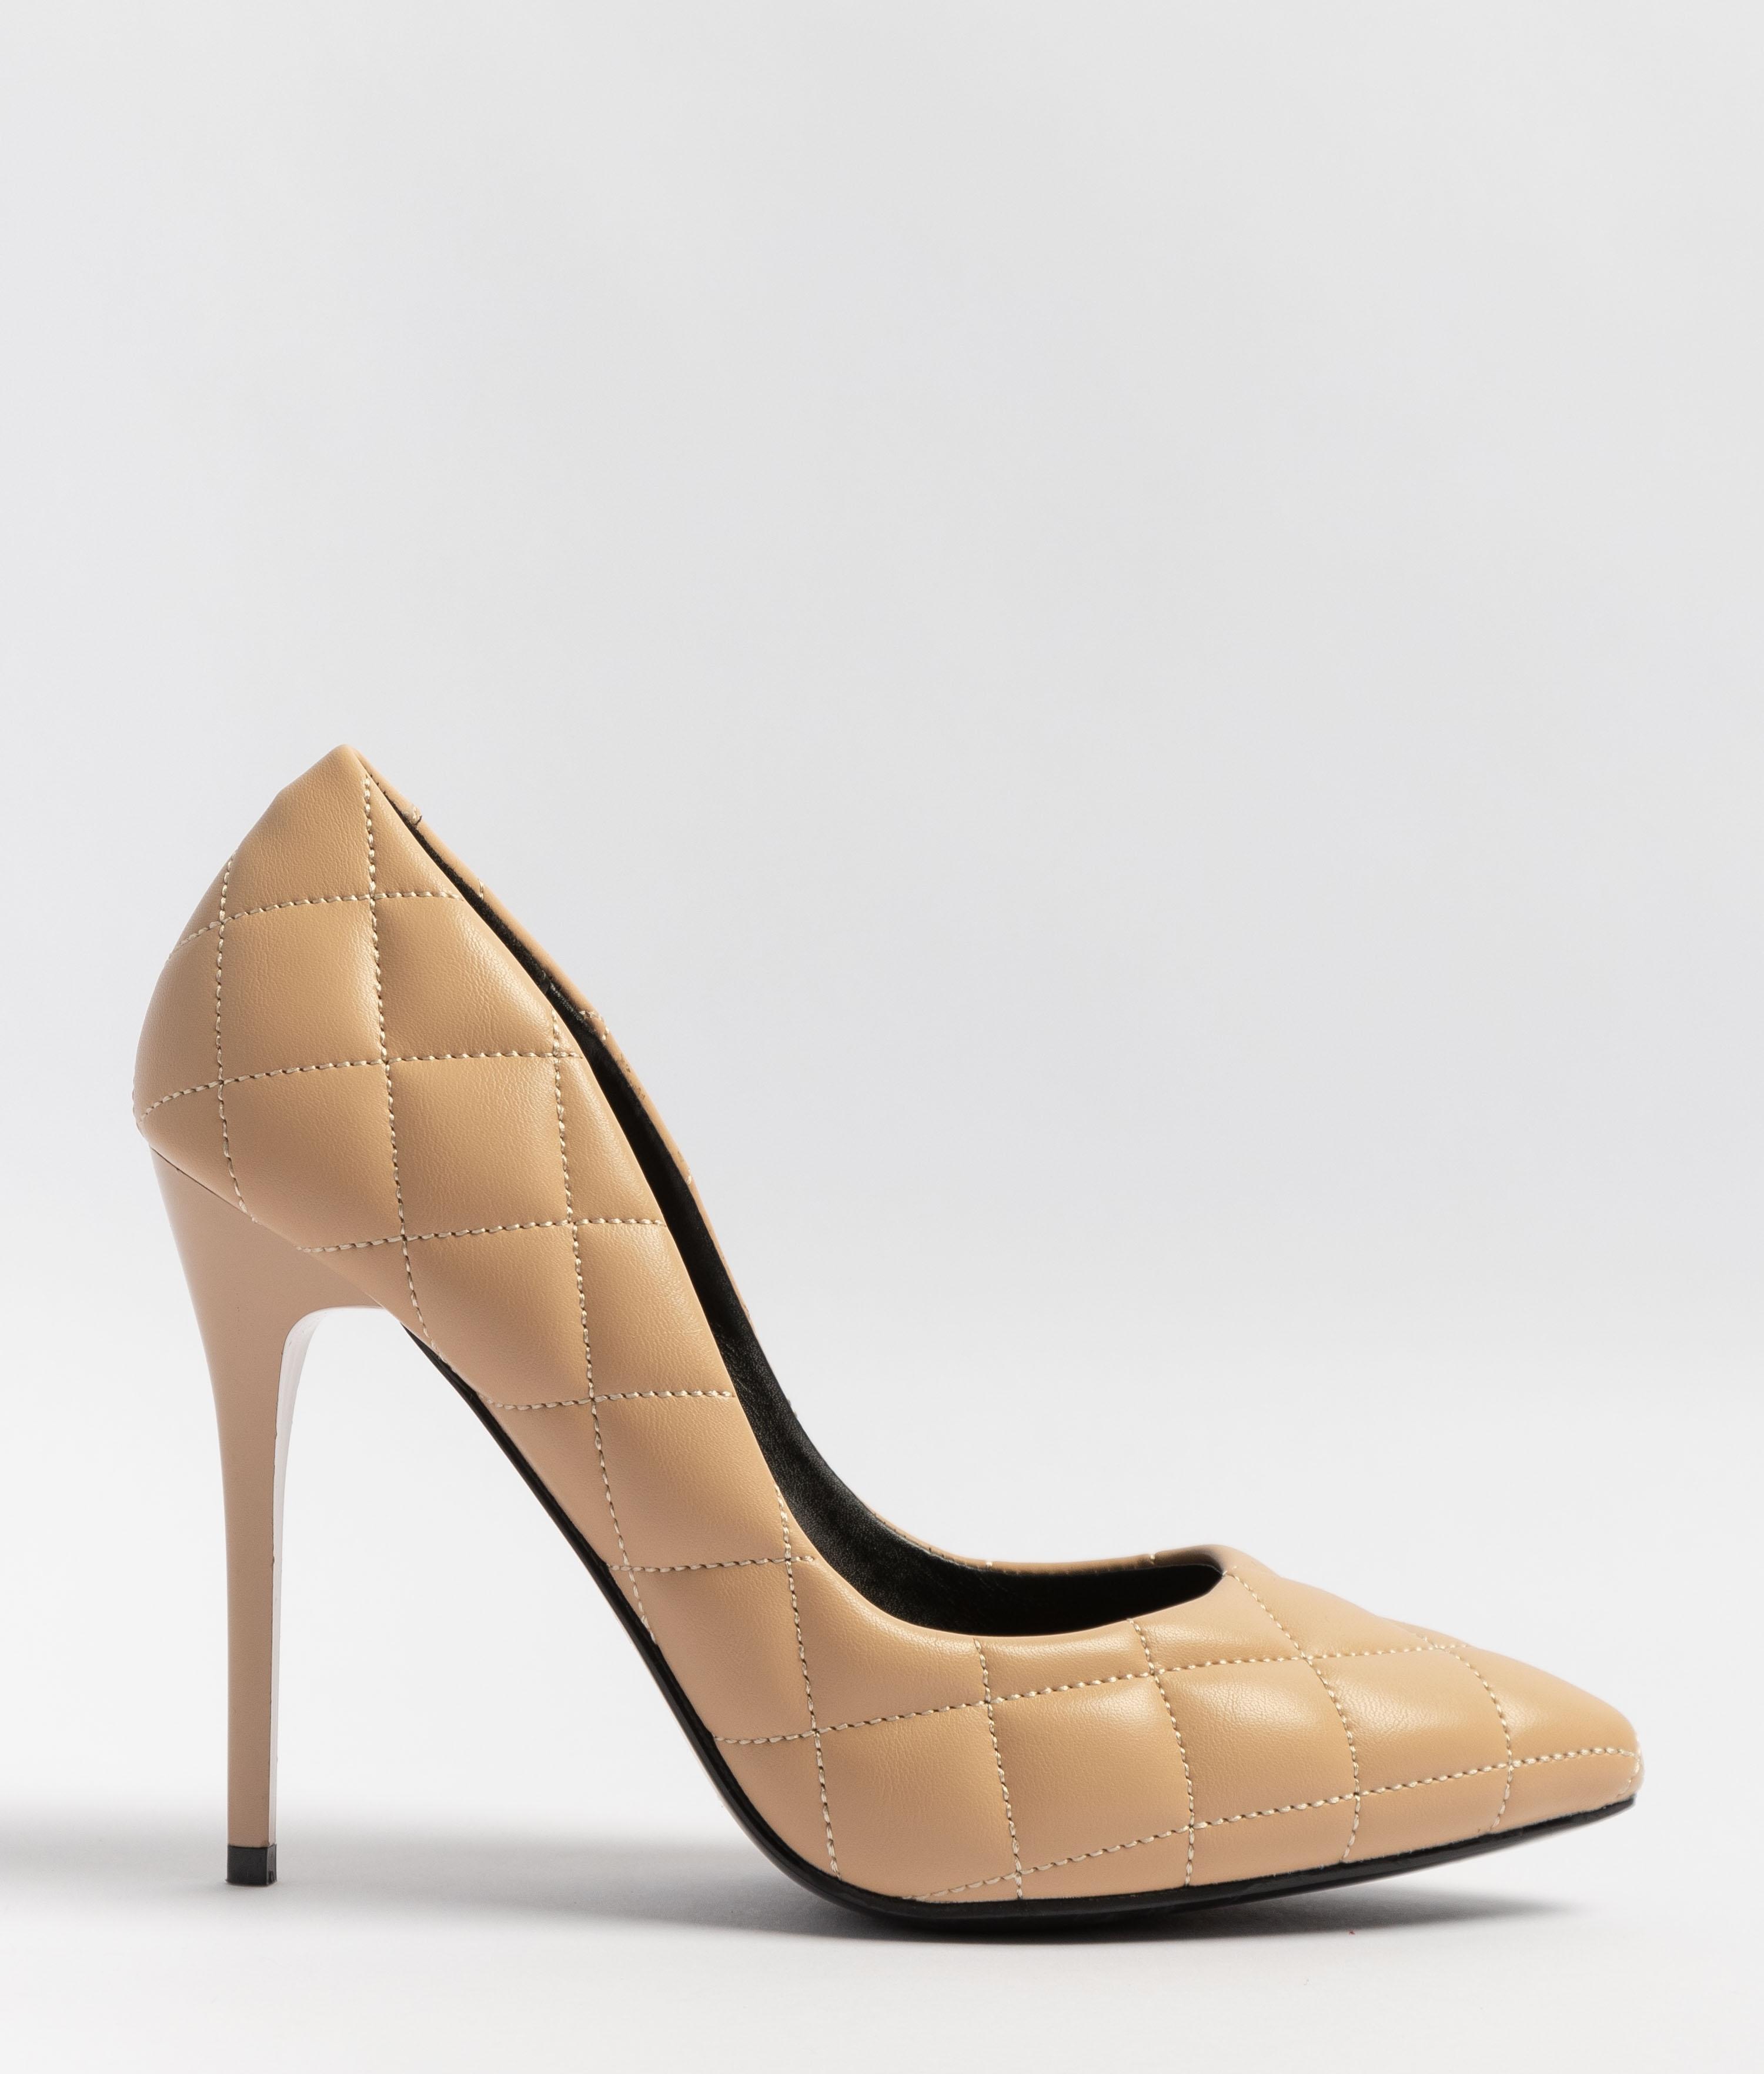 Zapato Satira - Beige